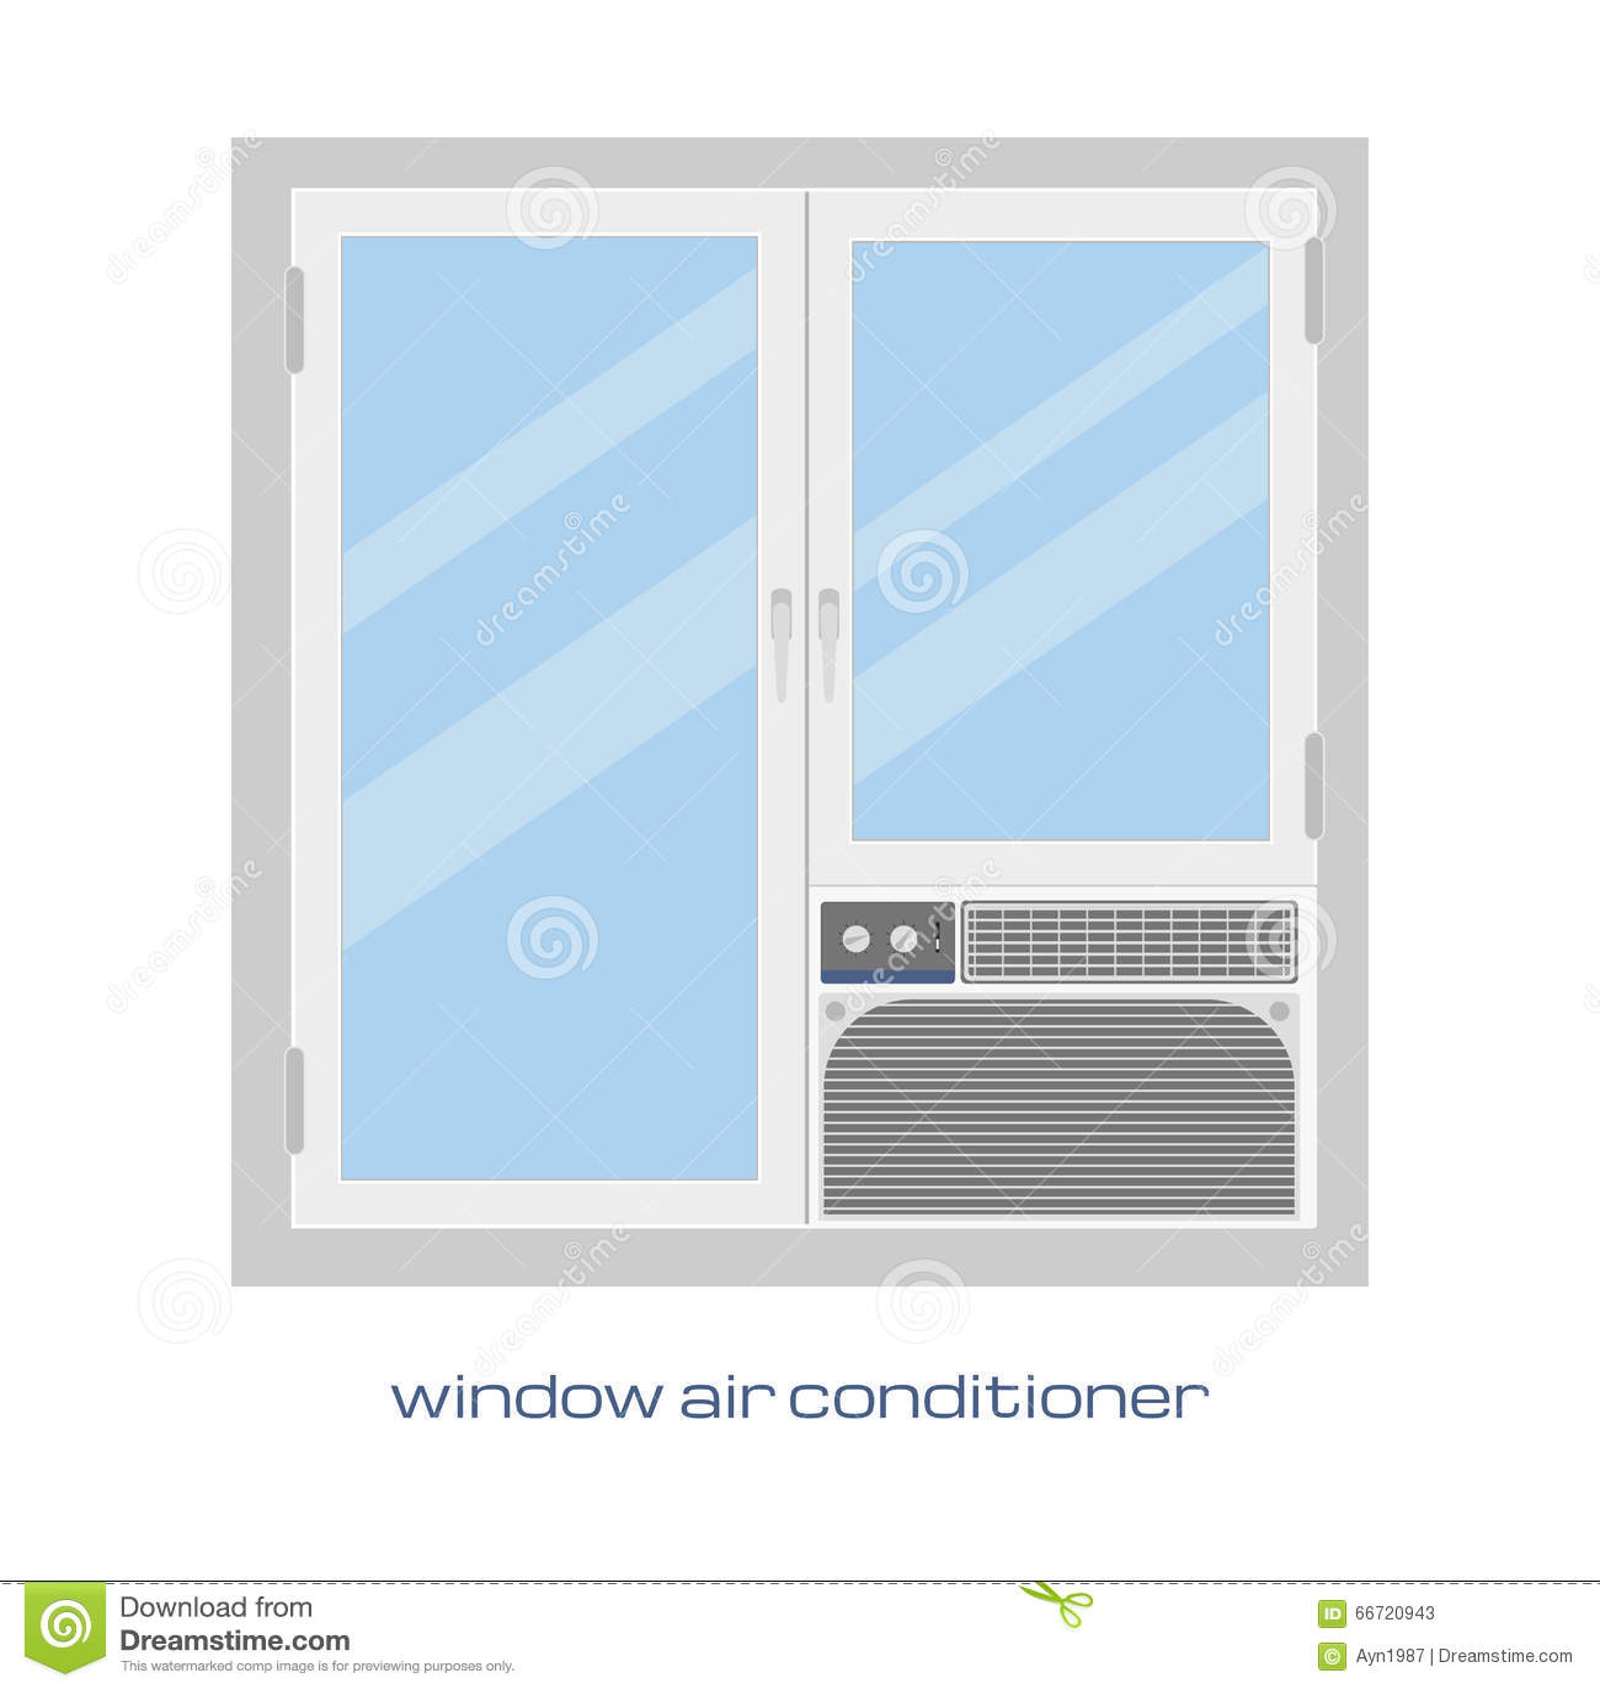 Climatiseur de fen tre image de vecteur climatiseur de for Climatiseur de fenetre carrier